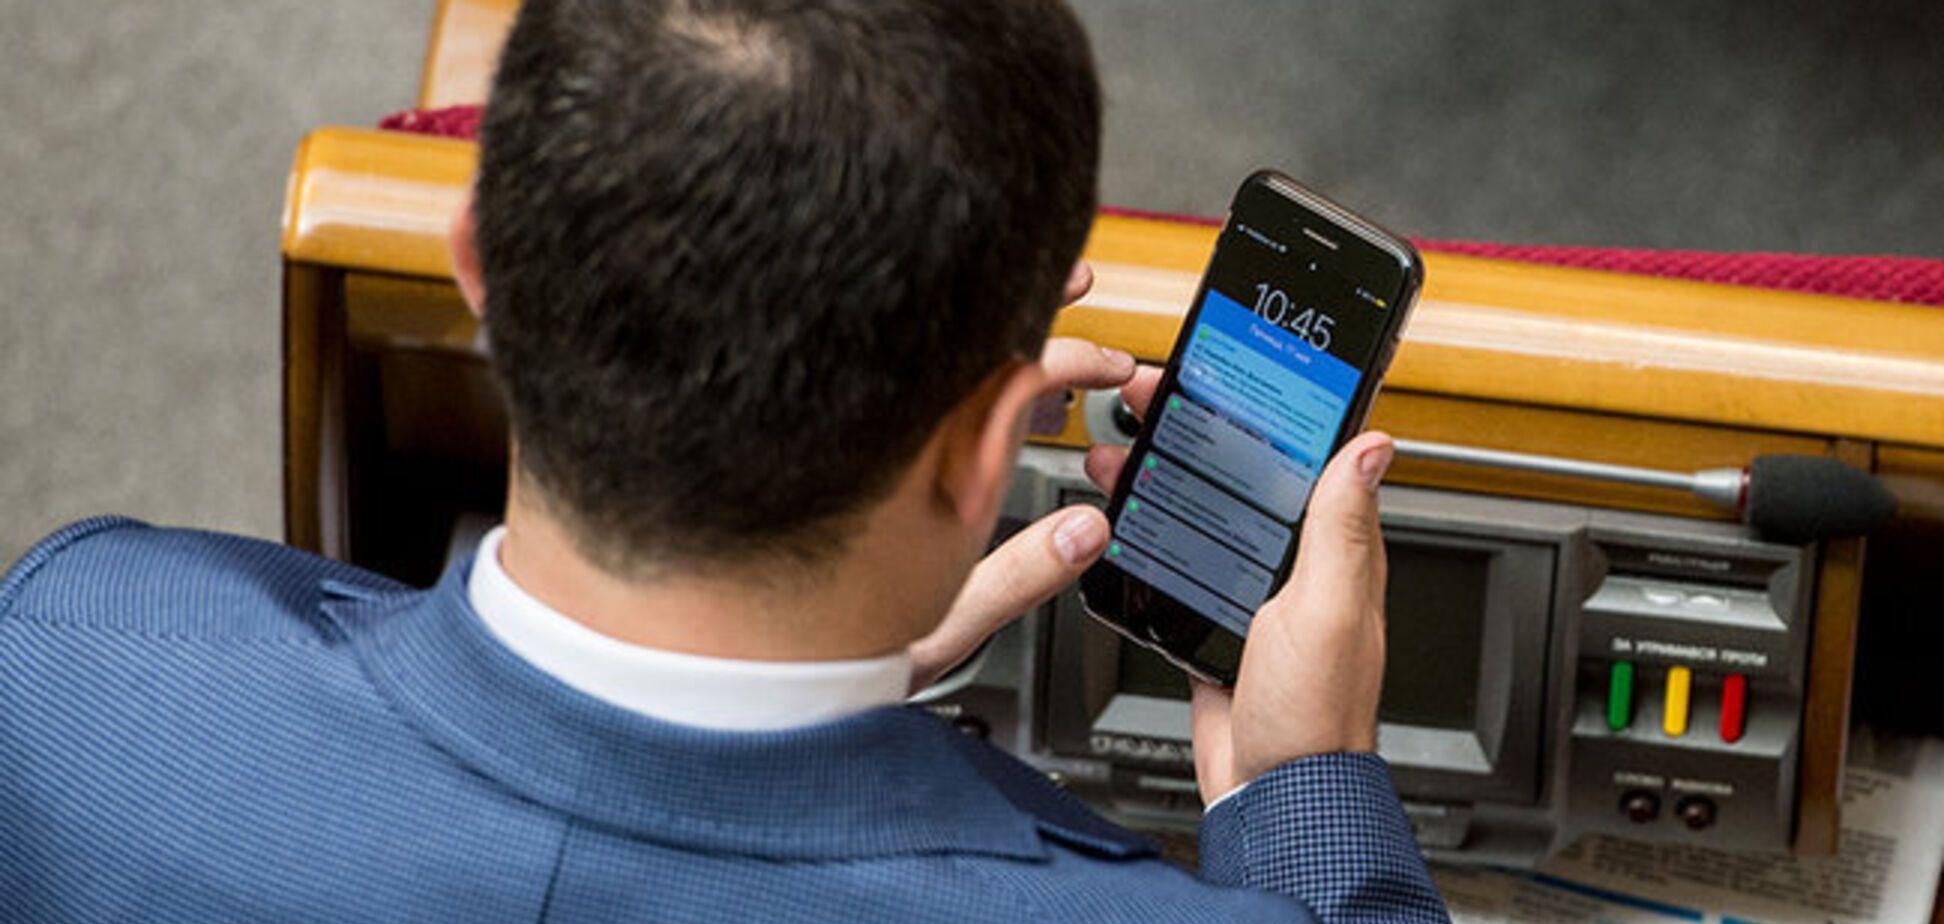 'Шеф дрюкає': нардеп від БПП 'спалився' в Раді з SMS про Зеленського. Фотофакт